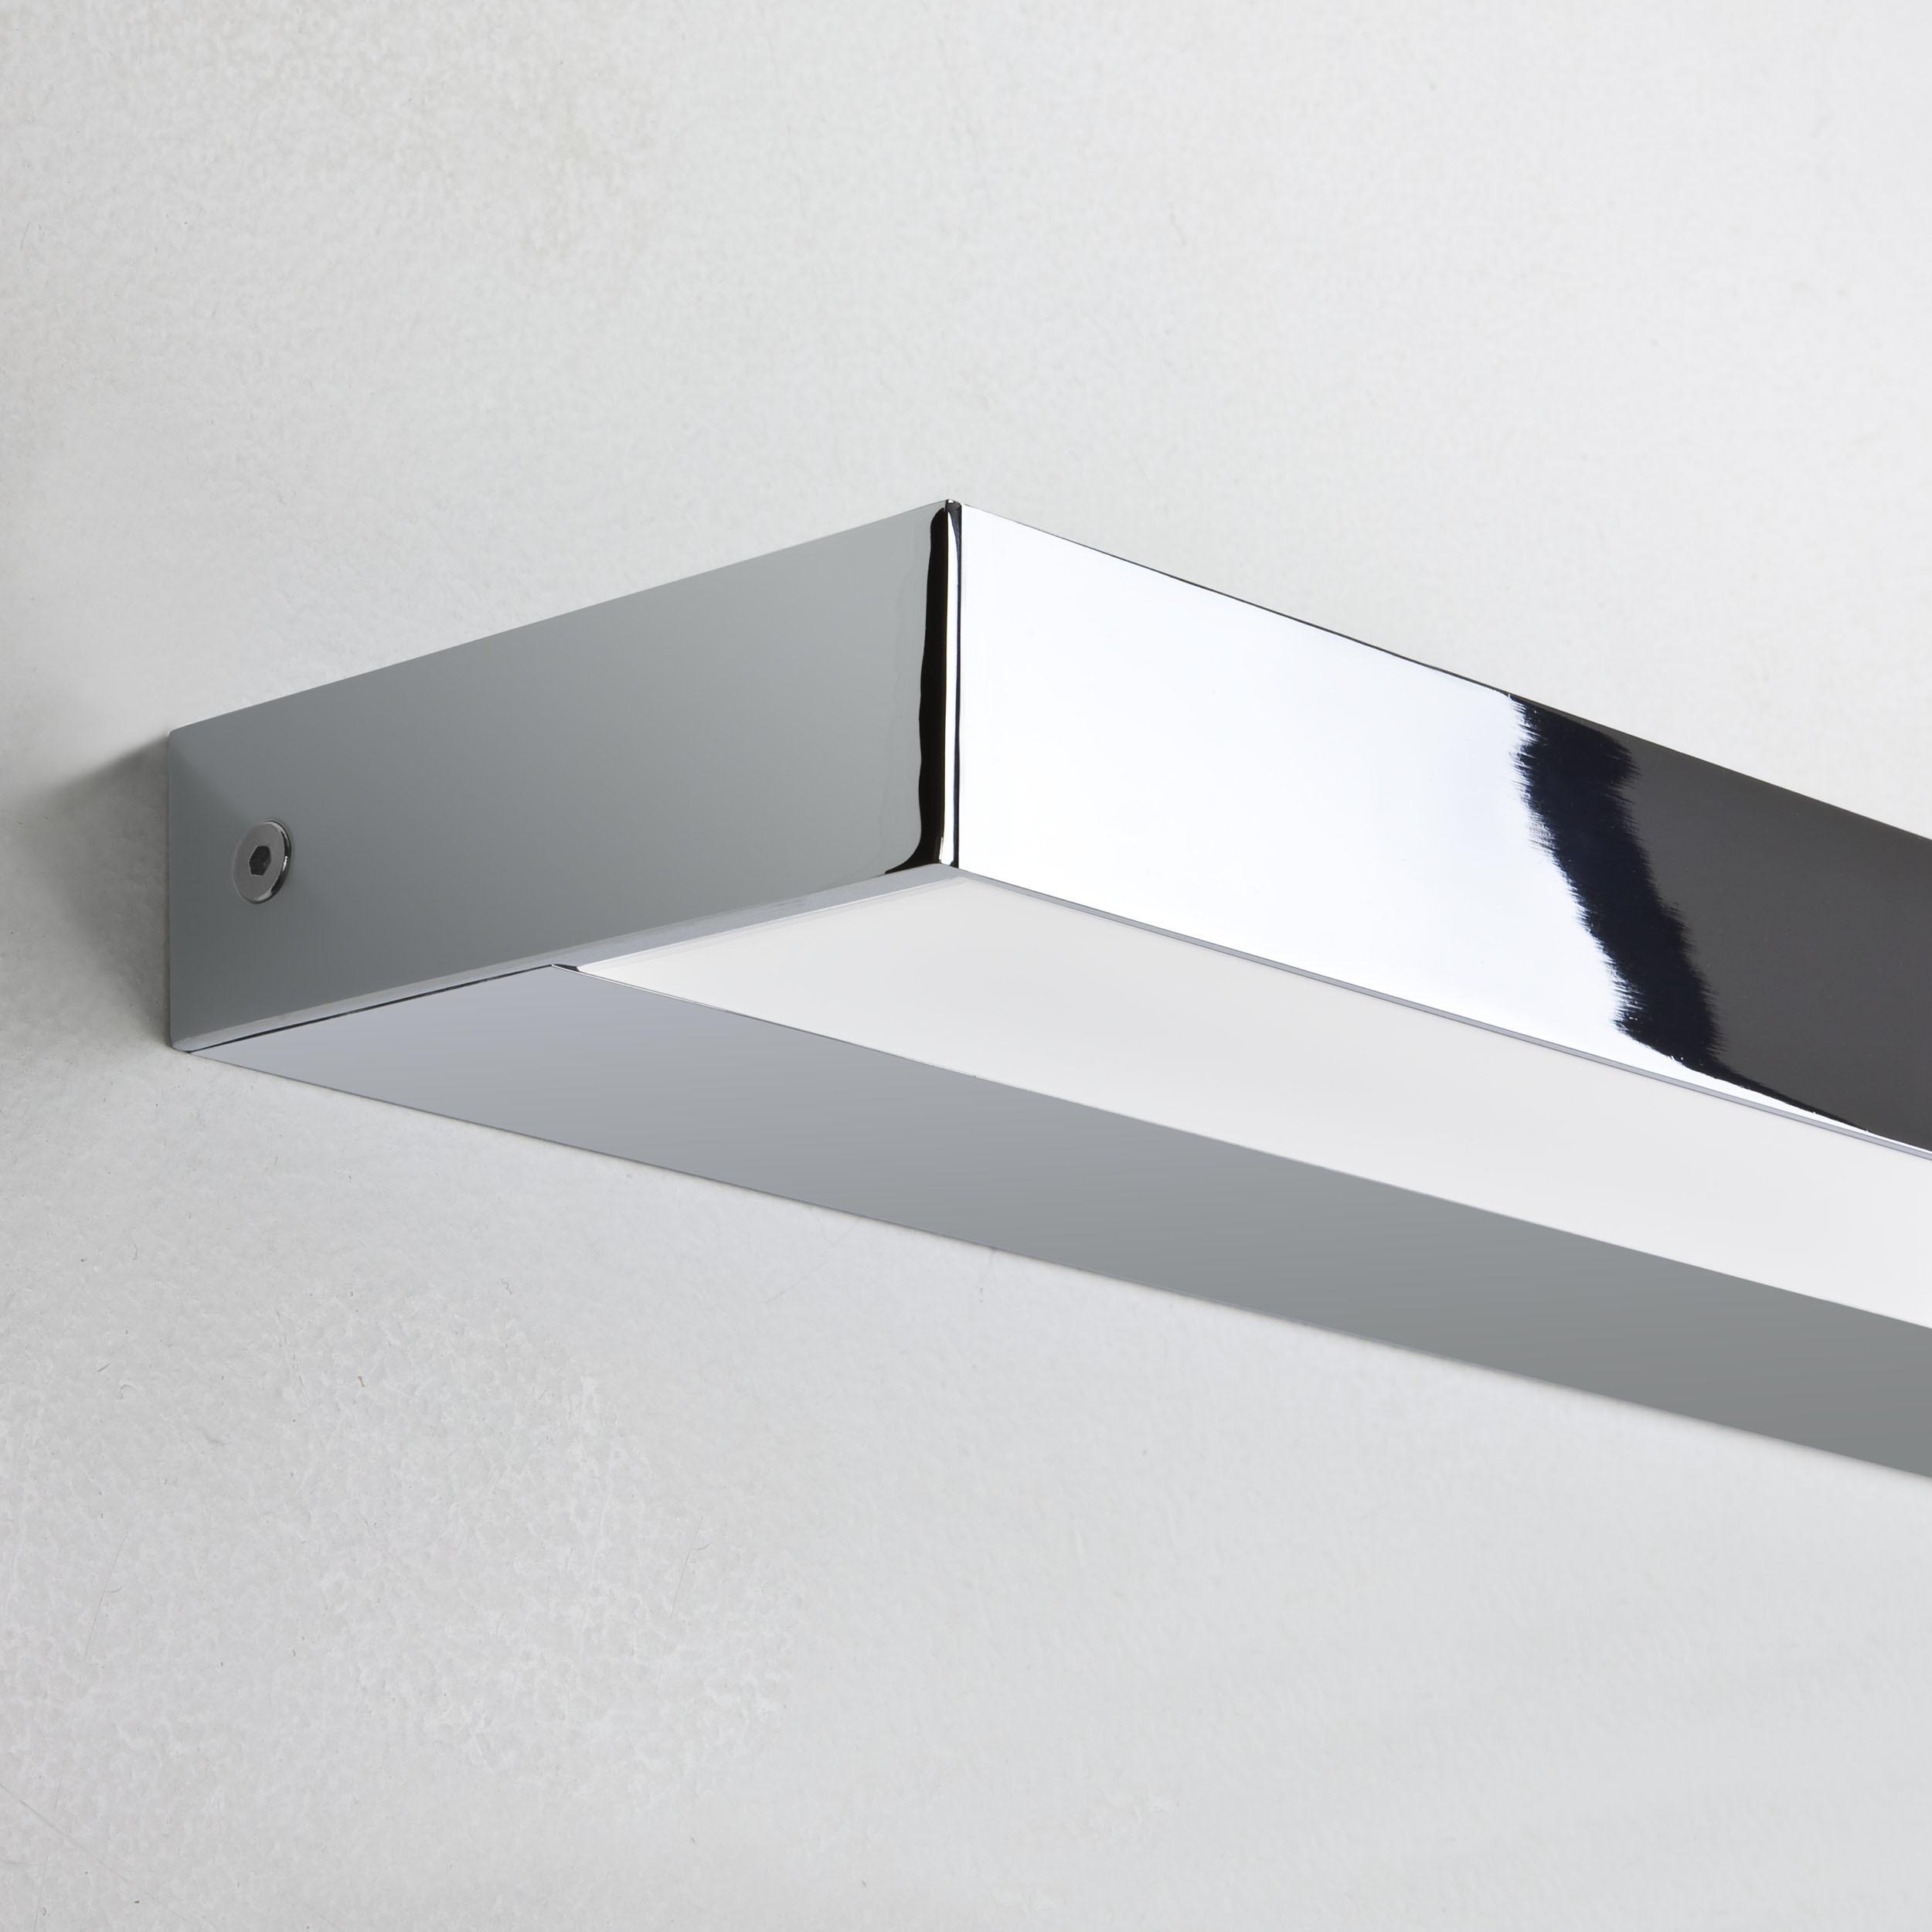 Настенный светодиодный светильник Astro Axios 1307009 (8180), IP44, LED 5,9W 3000K 204.66lm CRI80, хром, металл, пластик - фото 2